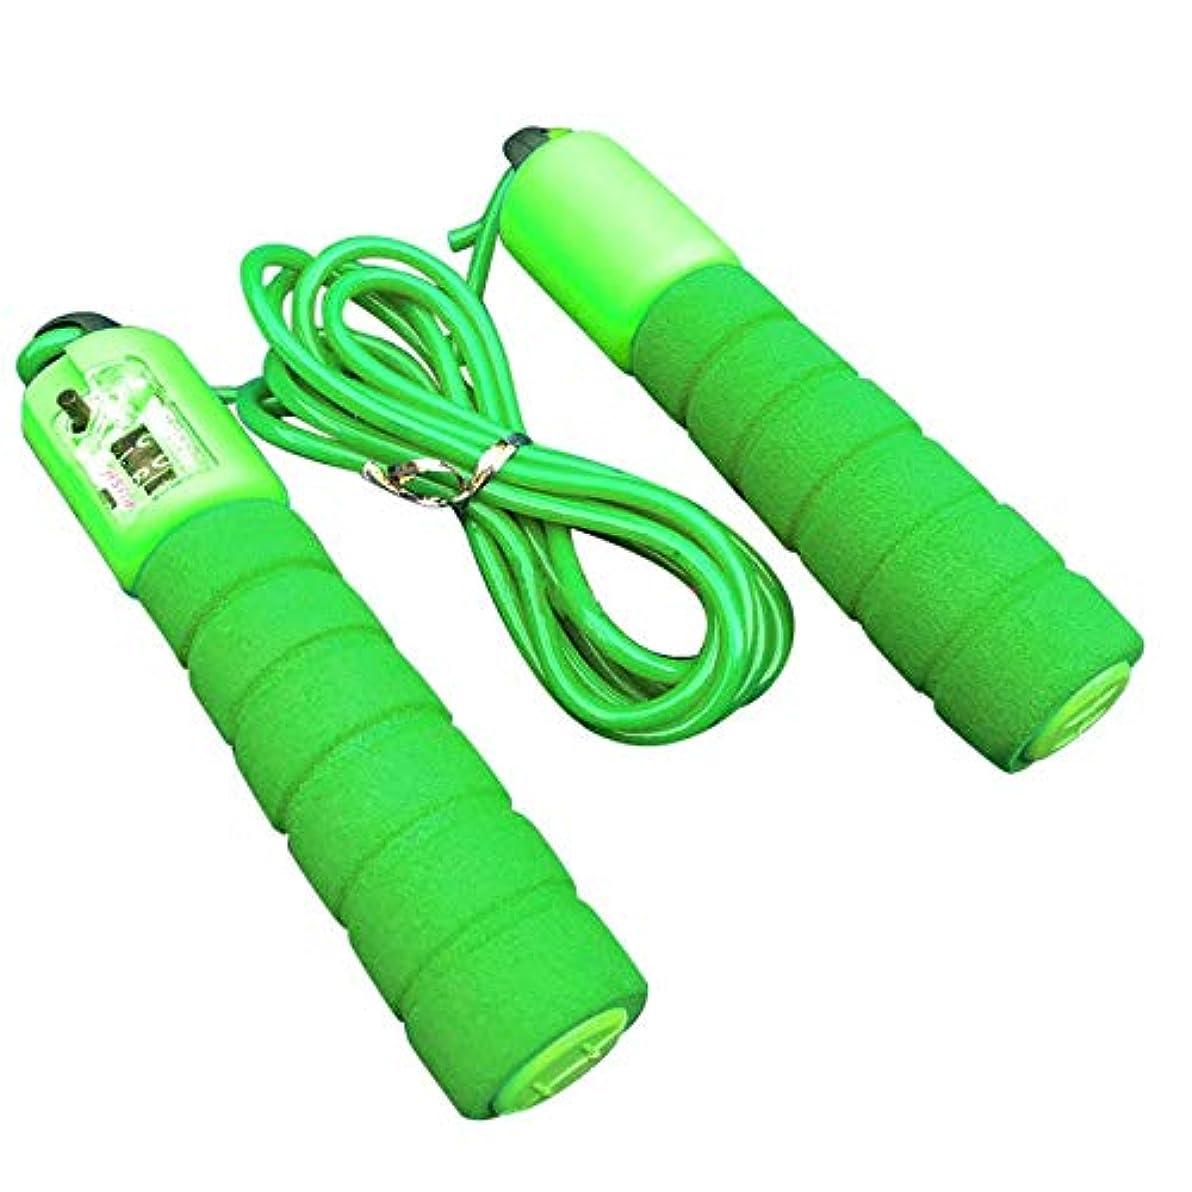 鉱夫取るに足らない展開する調整可能なプロフェッショナルカウントスキップロープ自動カウントジャンプロープフィットネス運動高速カウントカウントジャンプロープ-グリーン